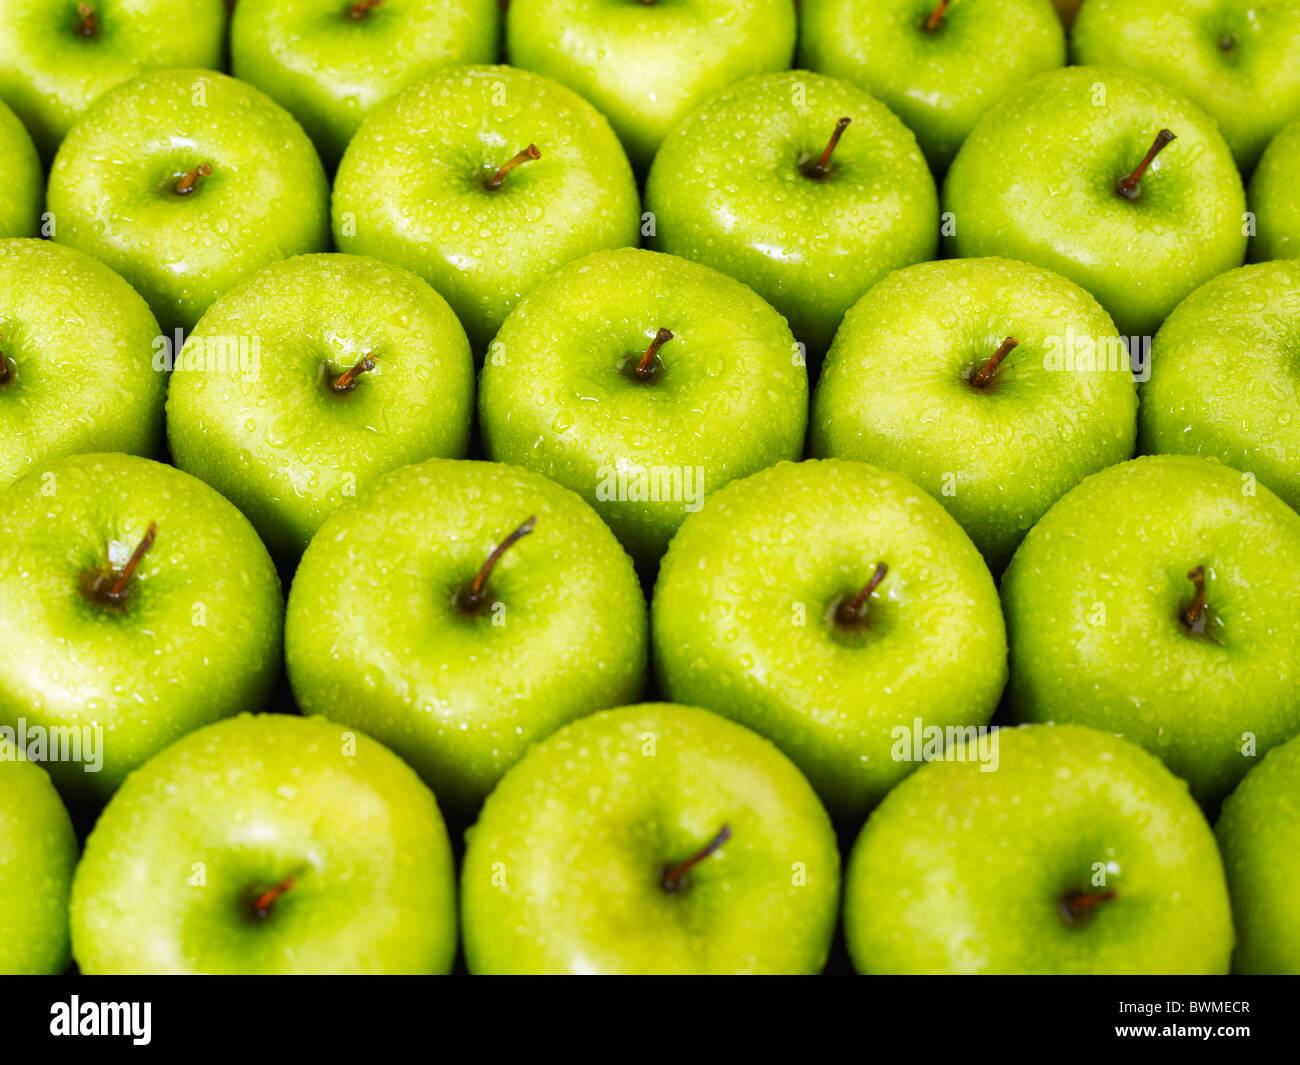 Grande gruppo di mele verdi in una fila. Forma orizzontale Immagini Stock